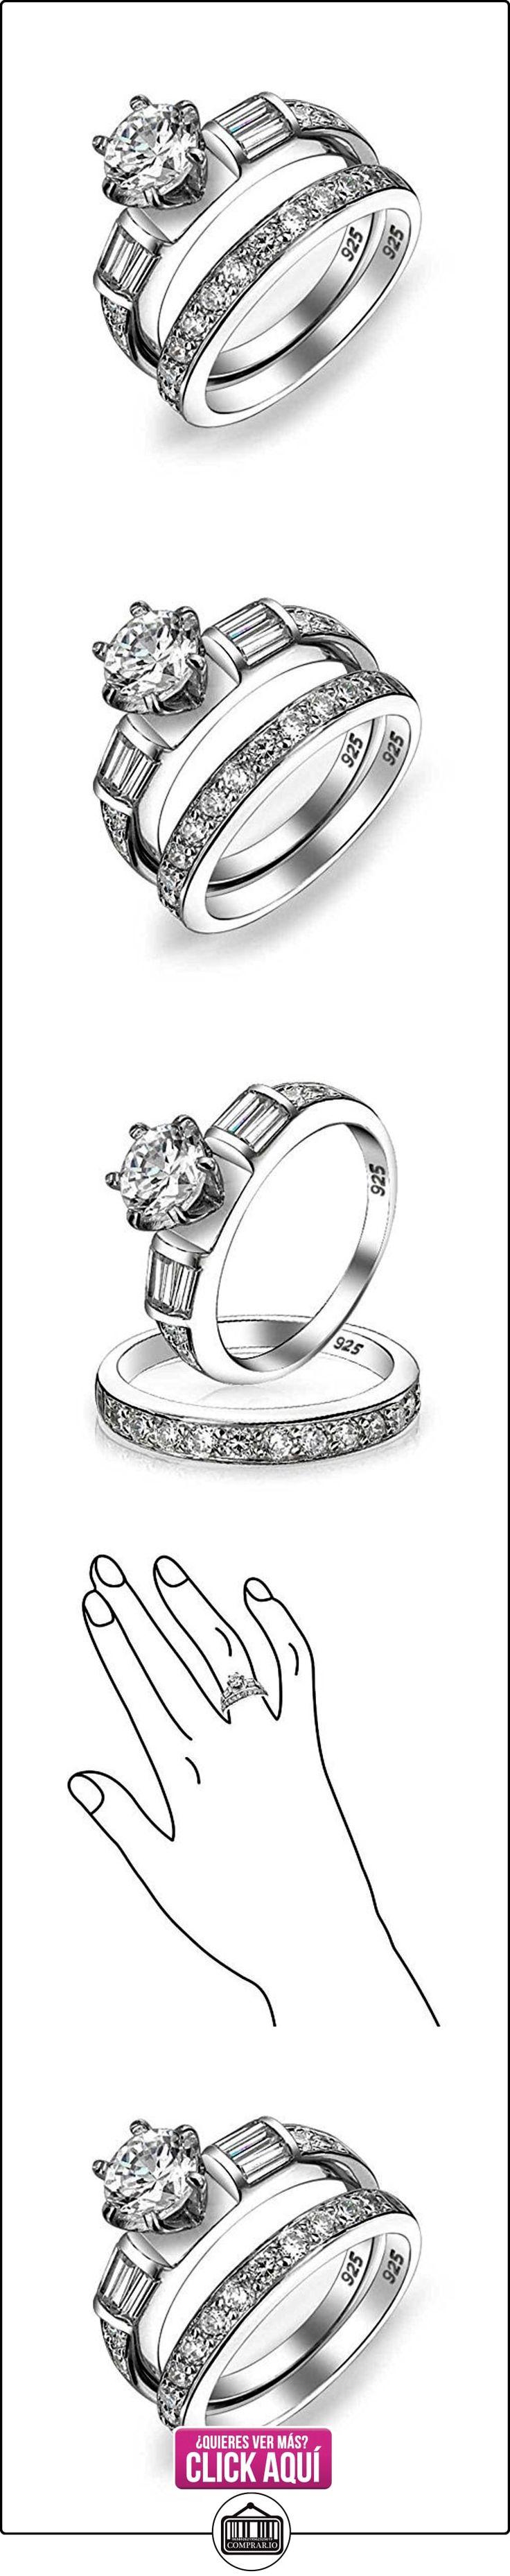 Bling Jewelry Corte Redondo Plata Esterlina Allanar Baguette Anillo de Compromiso Conjunto  ✿ Joyas para mujer - Las mejores ofertas ✿ ▬► Ver oferta: https://comprar.io/goto/B004KNIMUI